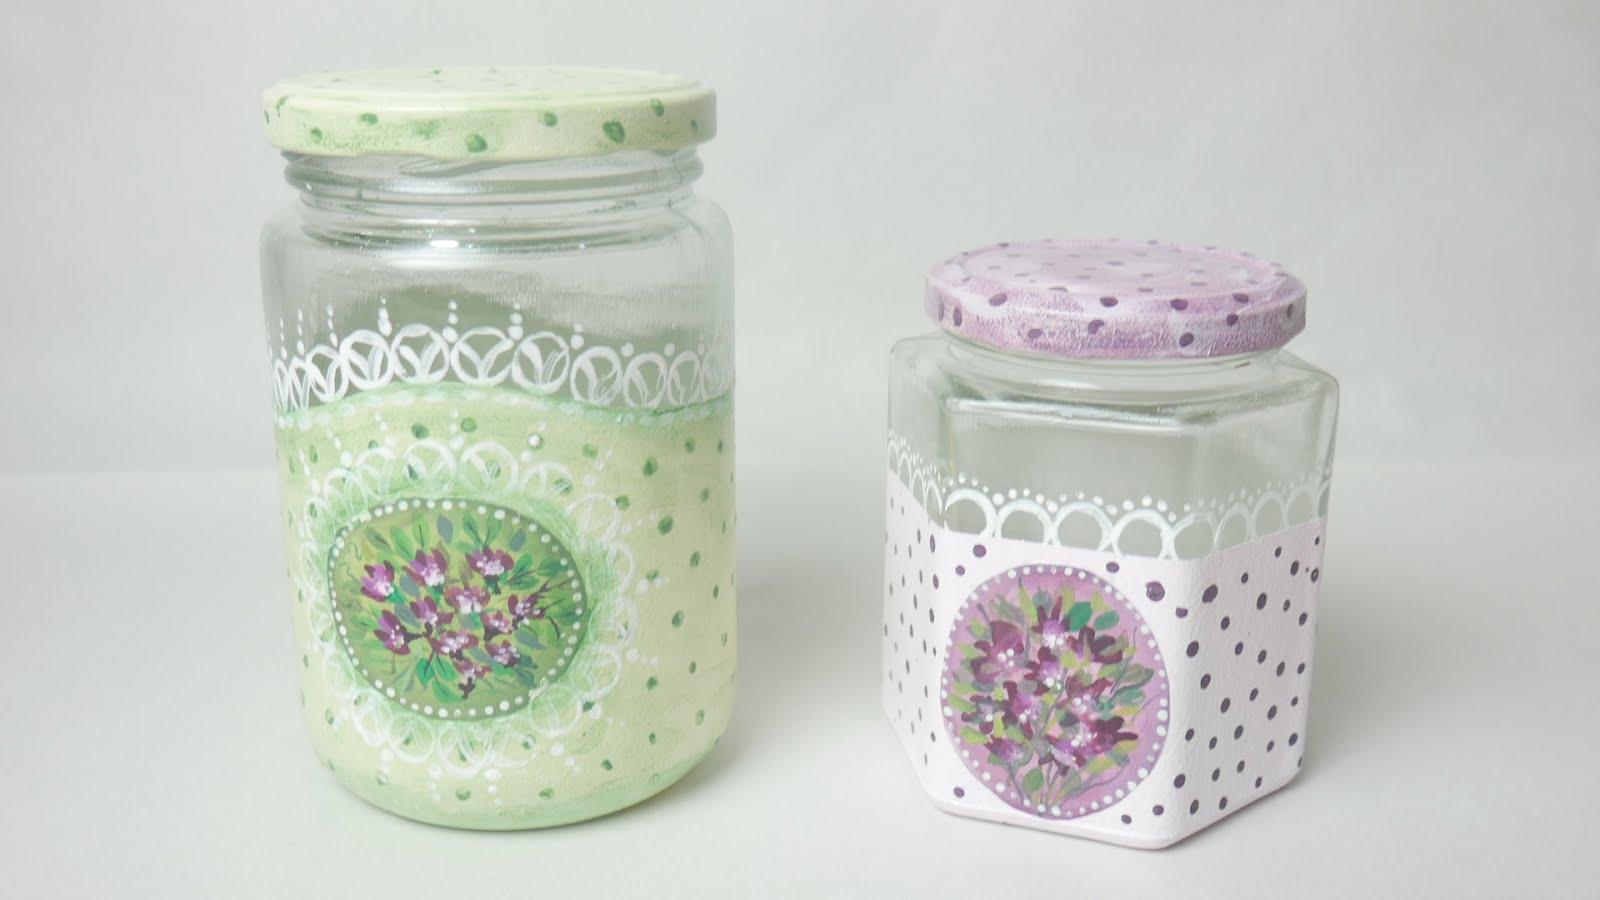 Hoy decid trabajar de nuevo con frascos porque es algo for Decoracion de frascos de vidrio para cocina